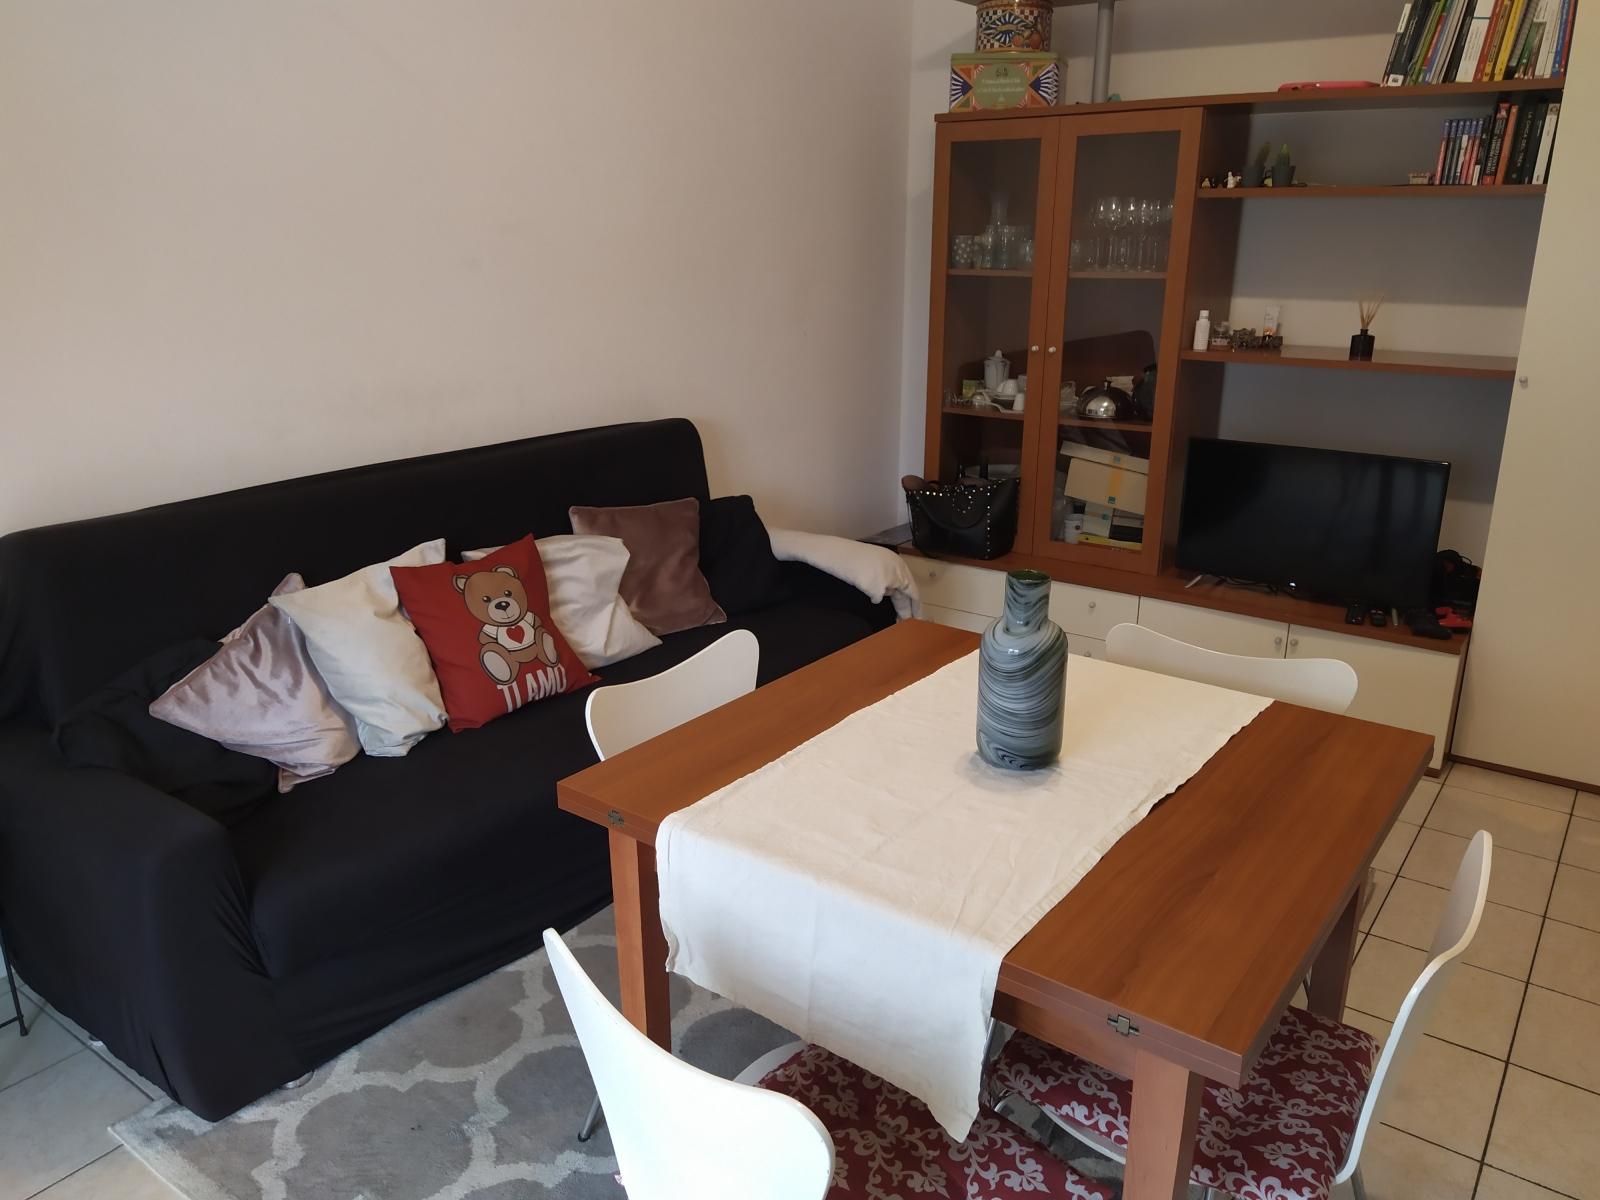 appartamento-in-affitto-milano-baggio-spaziourbano-immobiliare-vende-3